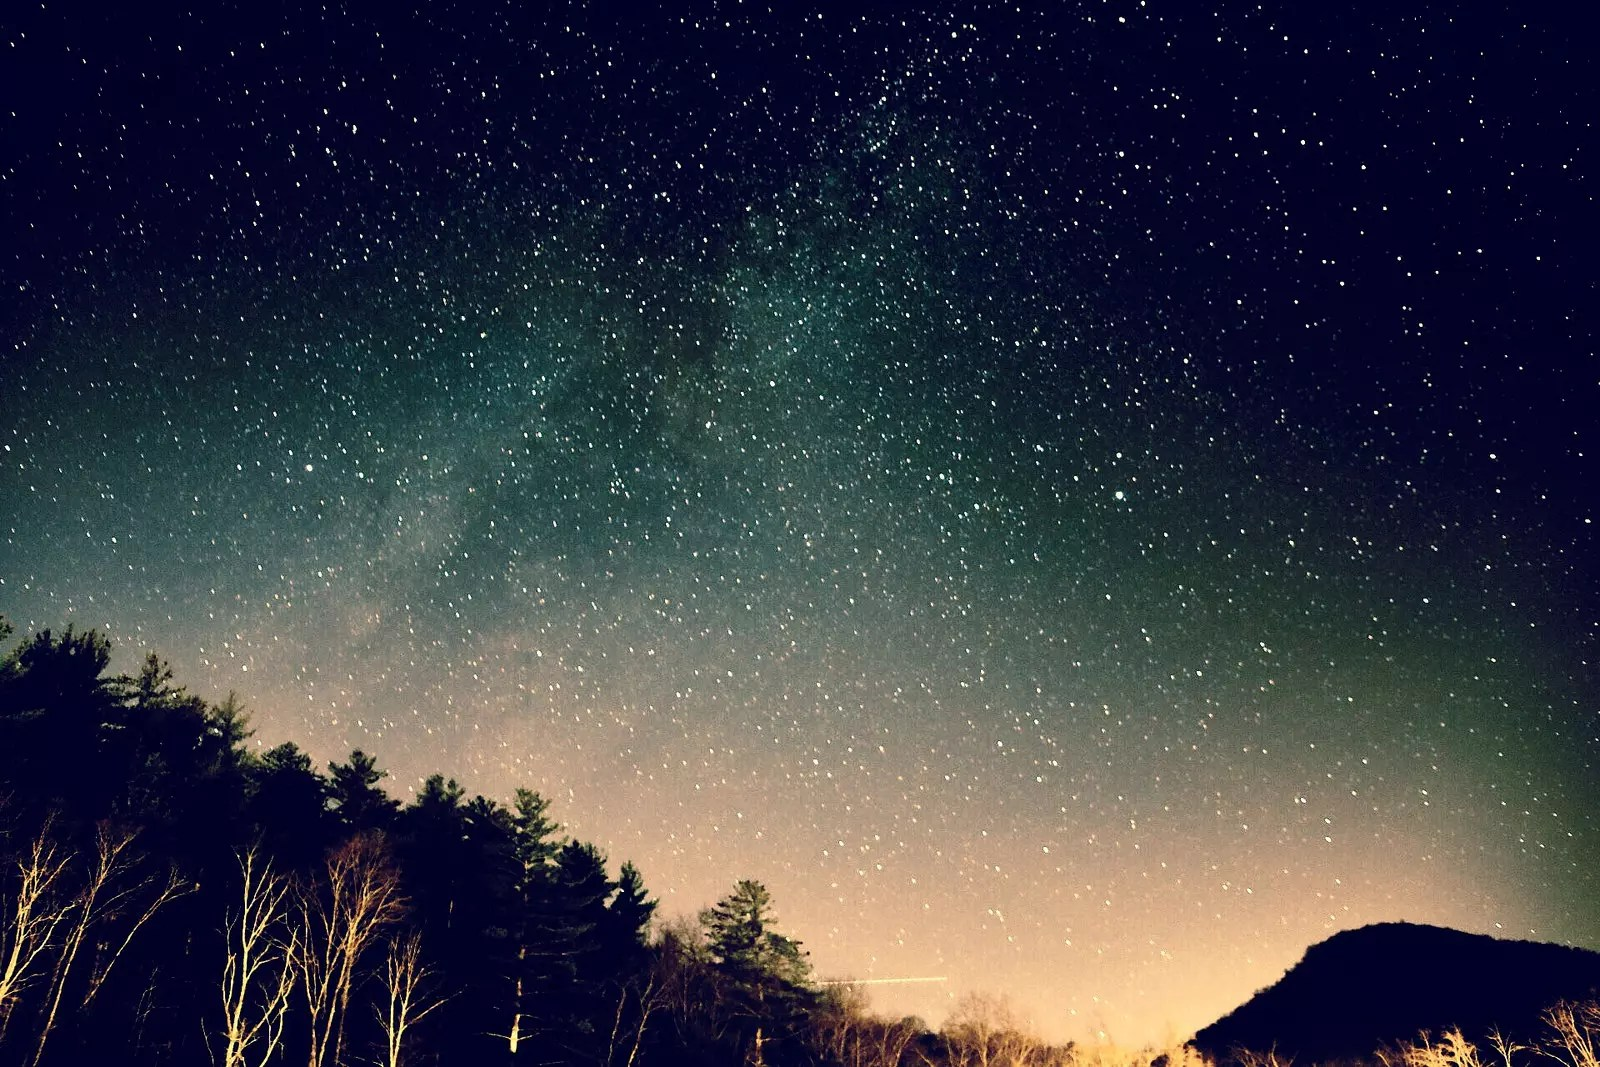 Night sky photo.